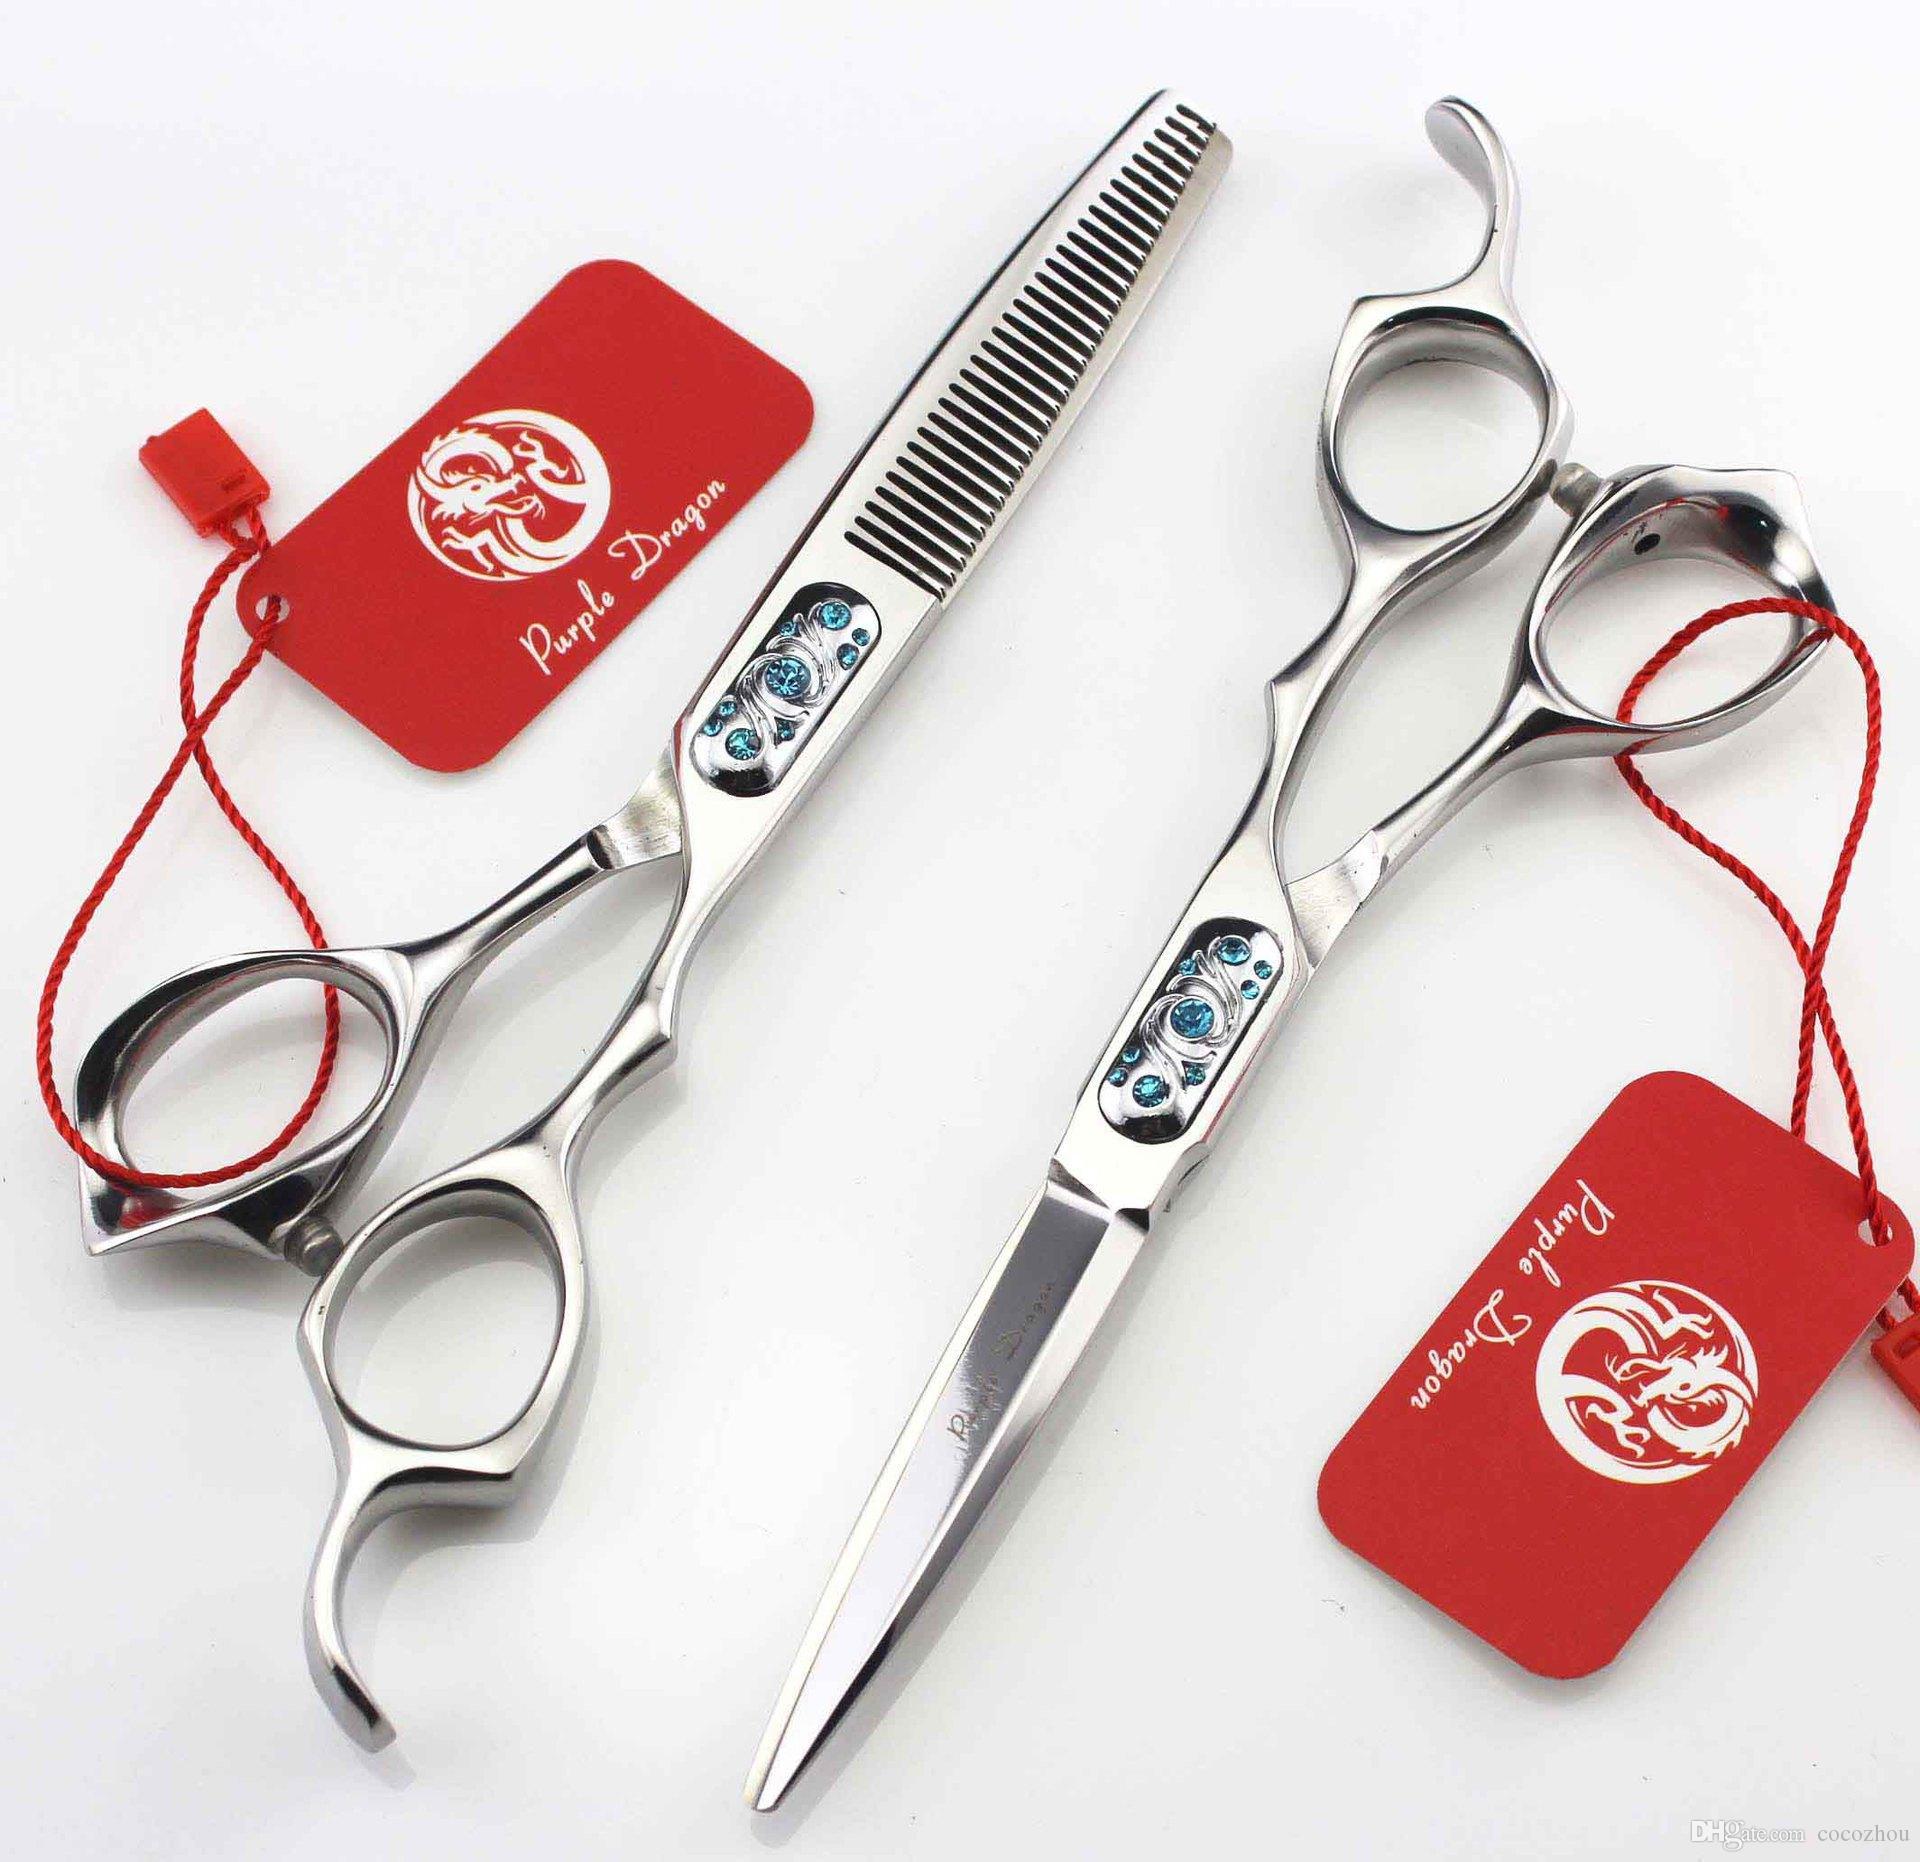 552 # 6 '' Marke Lila Dragon TOP GRADE Friseurscheren 440C 62HRC Friseurschere Effilierschere Haarschere